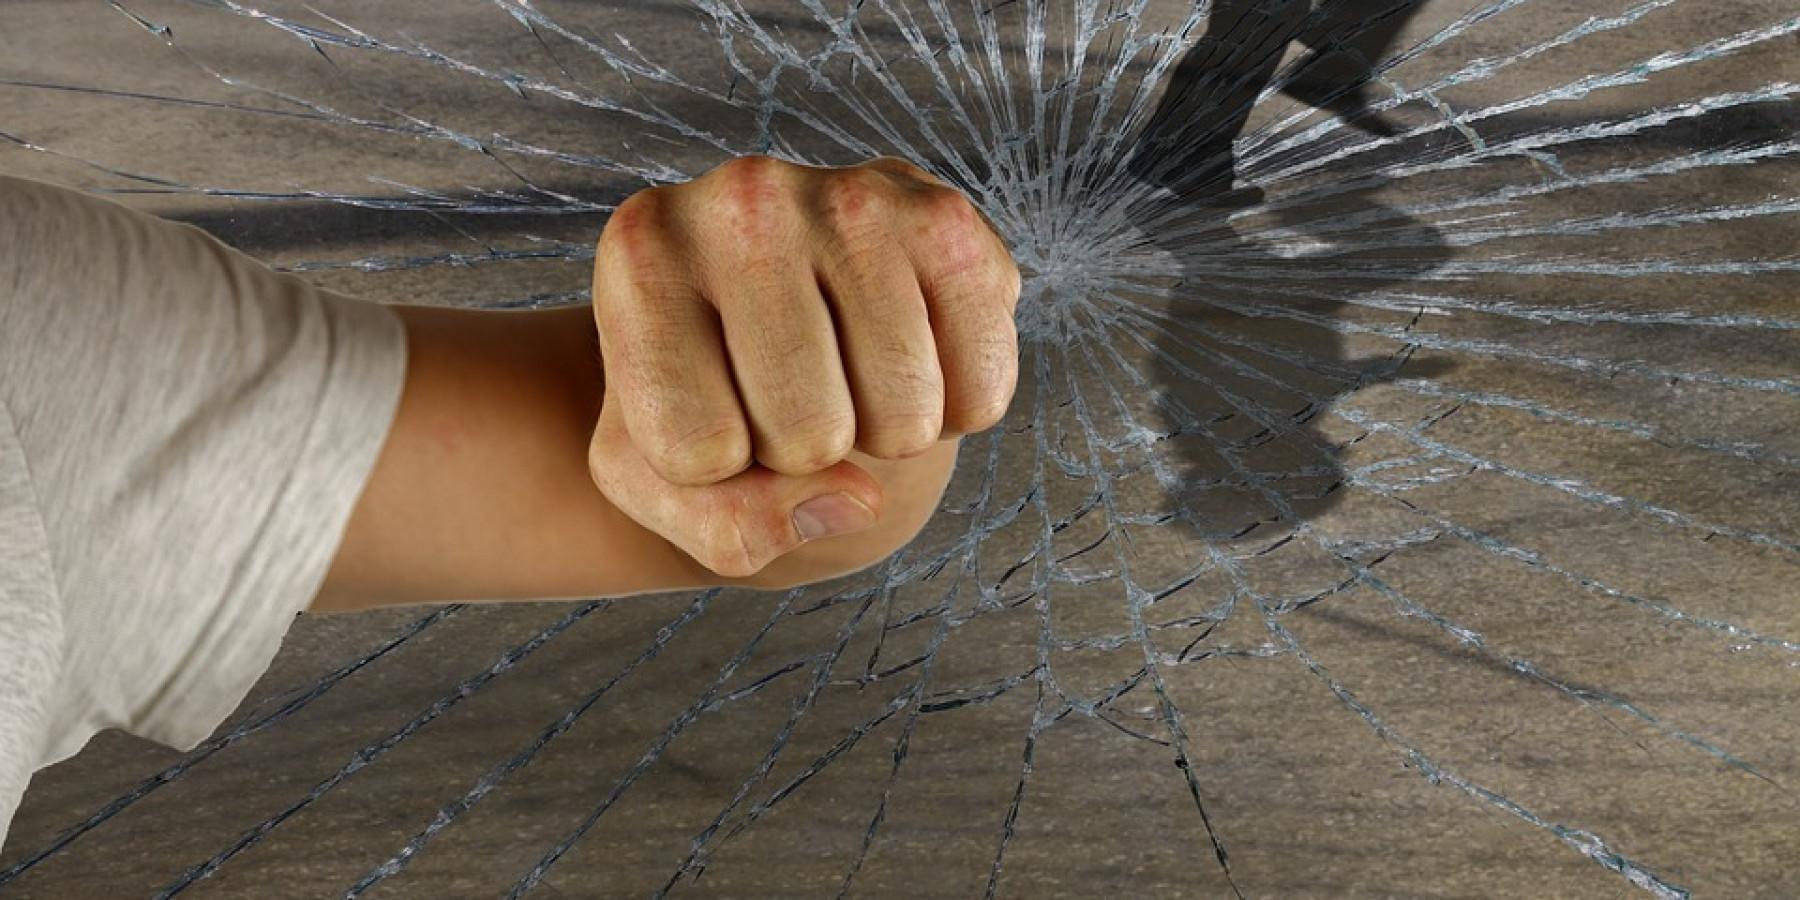 Einbrecher greifen durch auf Kipp stehende Terrassentür